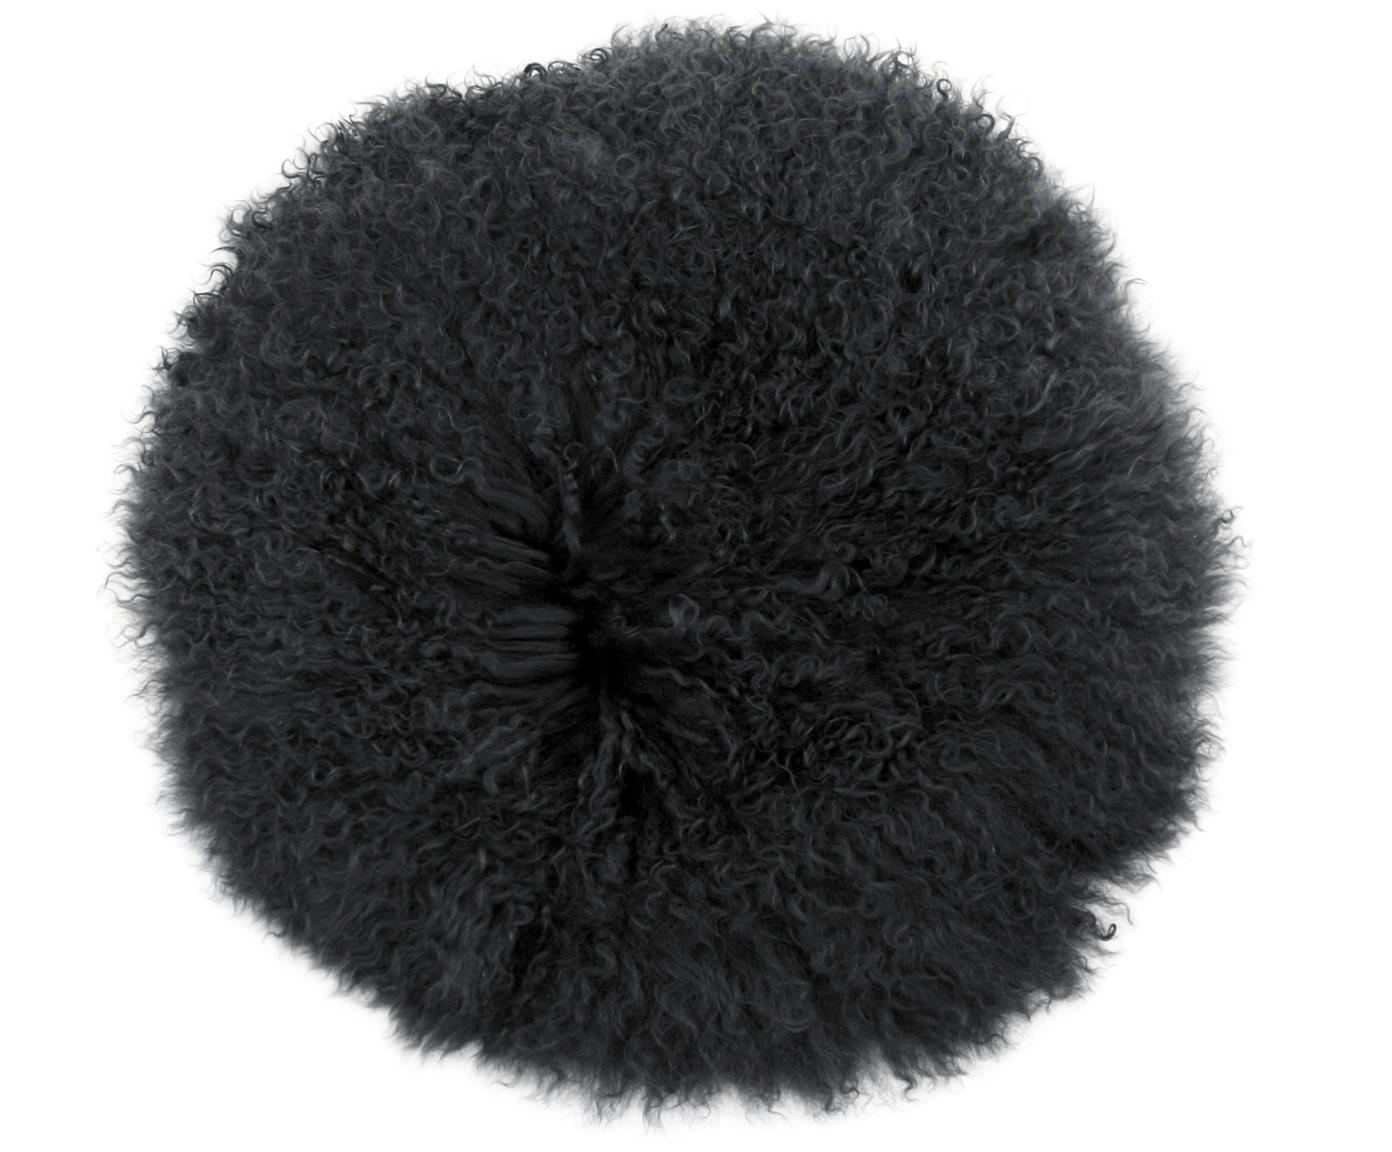 Federa arredo sedia in pelliccia di agnello a pelo lungo Ella, Retro: 100% poliestere, Grigio, Ø 37 cm